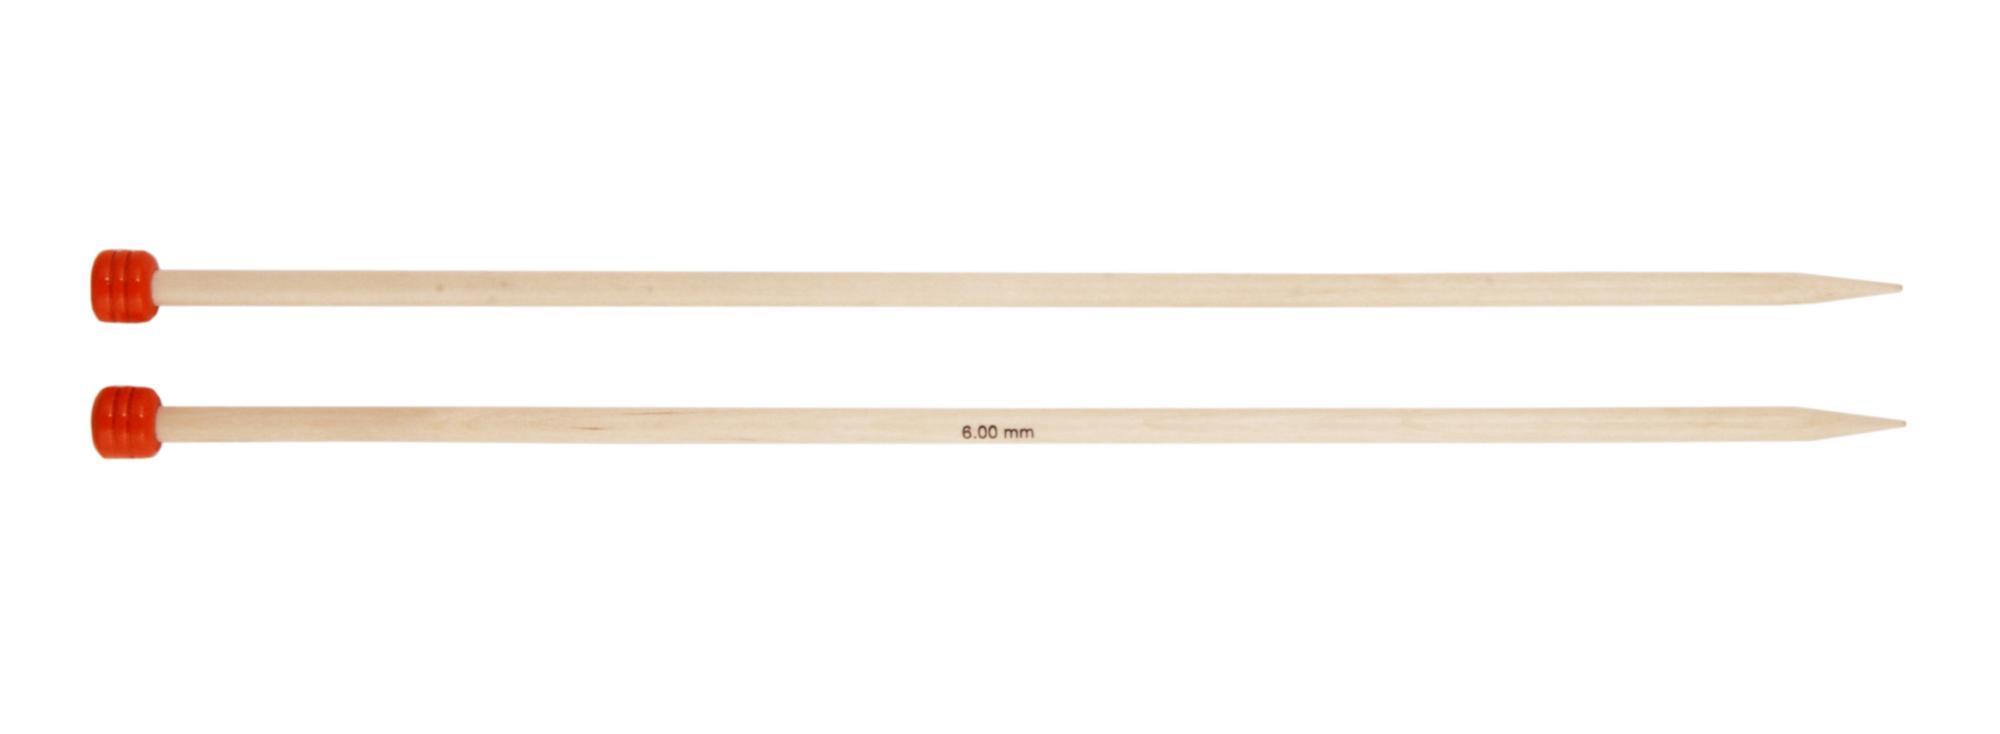 Спицы прямые 40 см Basix Birch Wood KnitPro, 35285, 8.00 мм